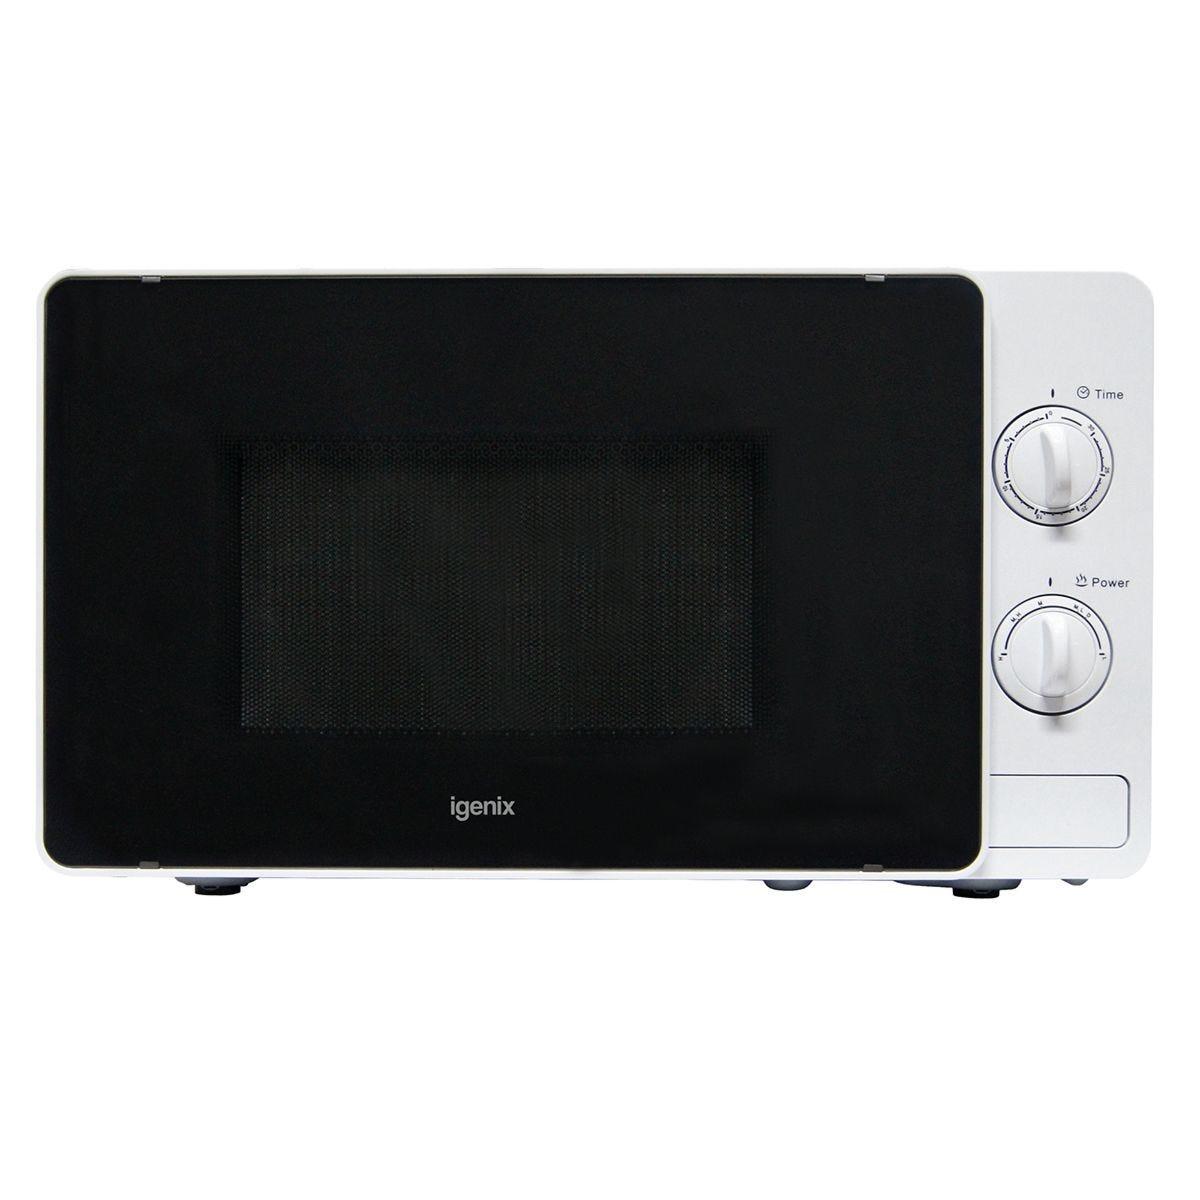 Igenix IG2081 20L 800W Manual Microwave – White